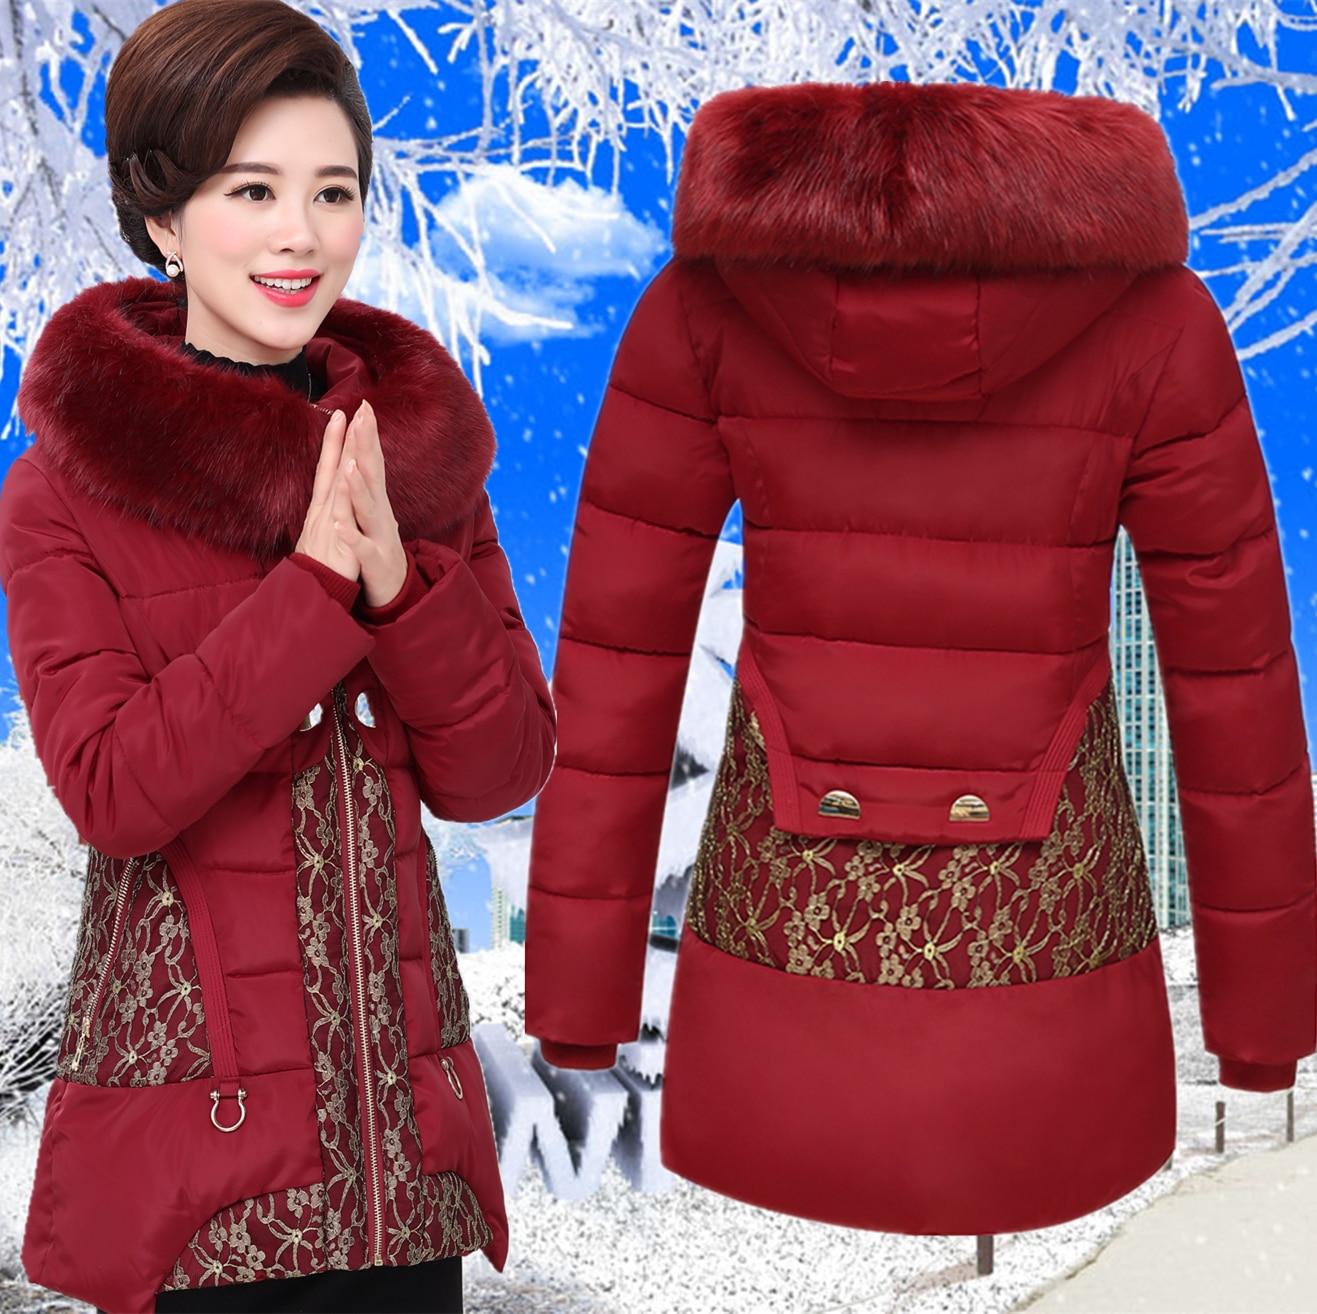 2019 di mezza età e anziani delle donne del cotone di inverno madre caricato spessa verso il basso giacca di cotone cappotto di lana cappotto di grandi dimensioni-in Parka da Abbigliamento da donna su  Gruppo 1